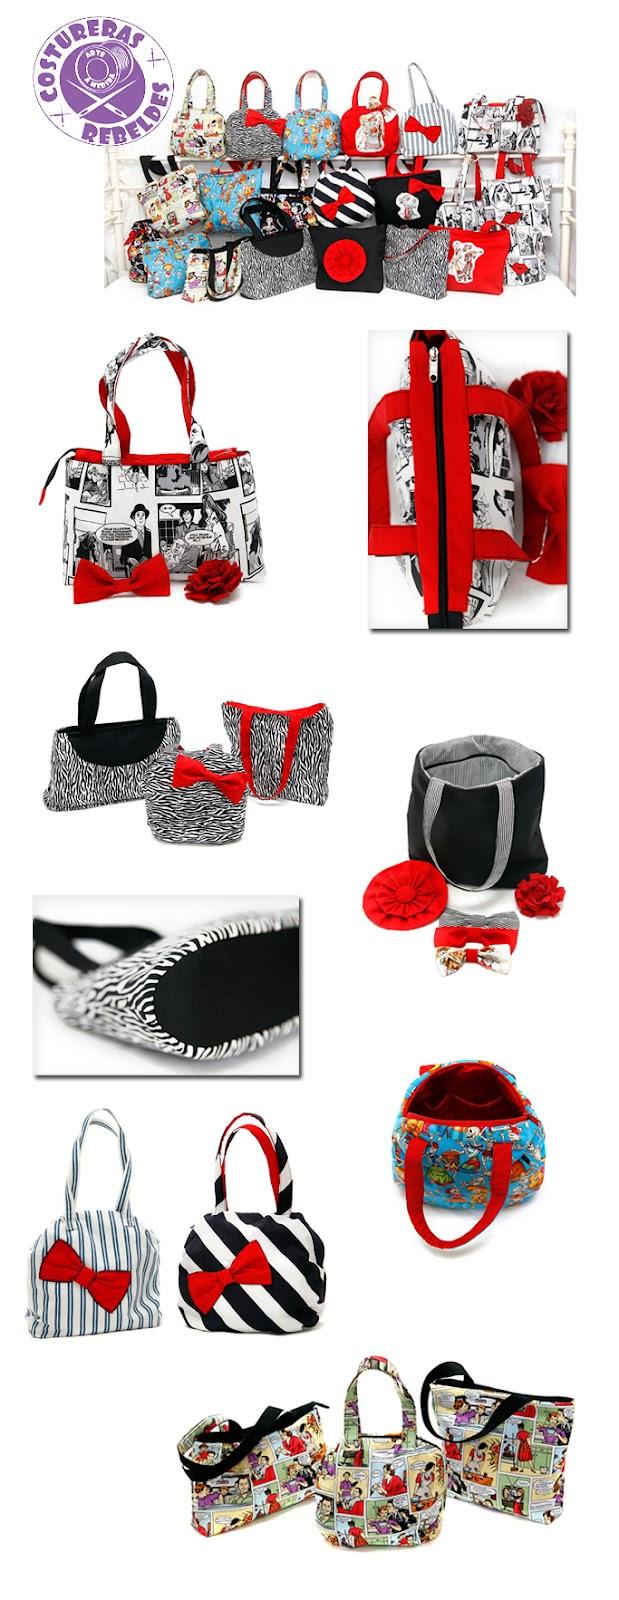 http://costurerasrebeldes.blogspot.com.es/